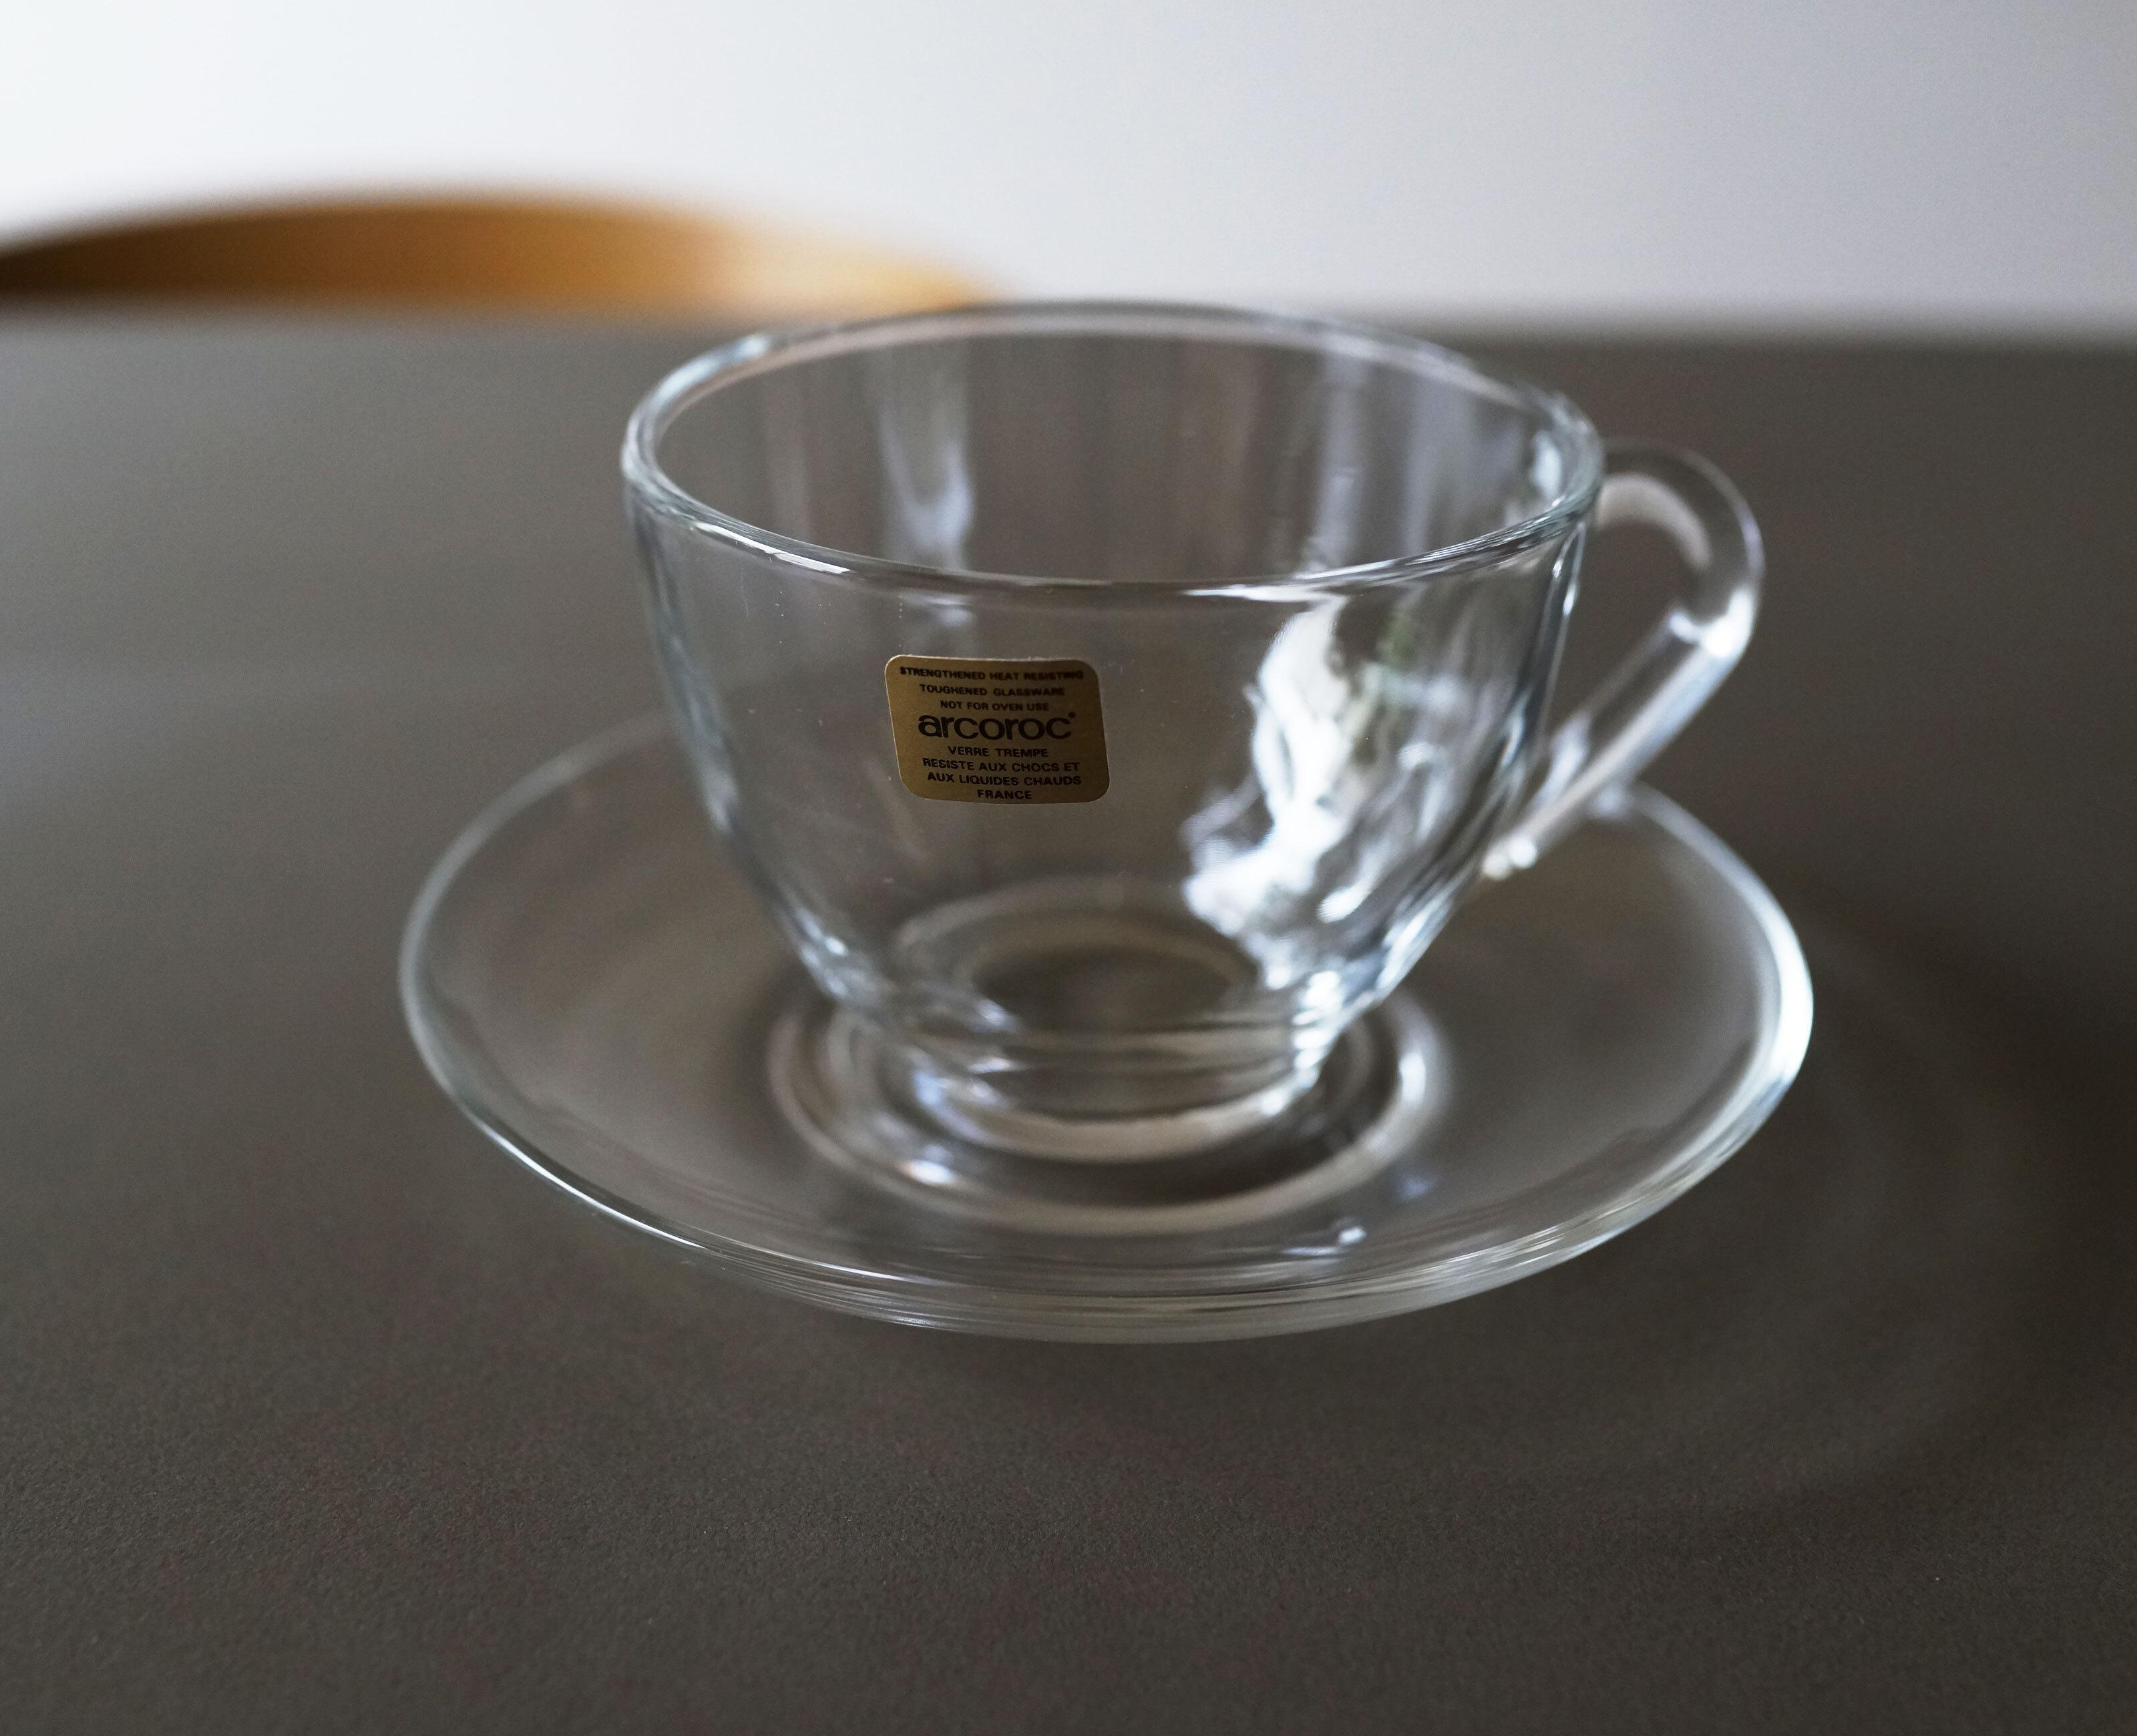 arcoroc フランス製 ガラスのカップ&ソーサー